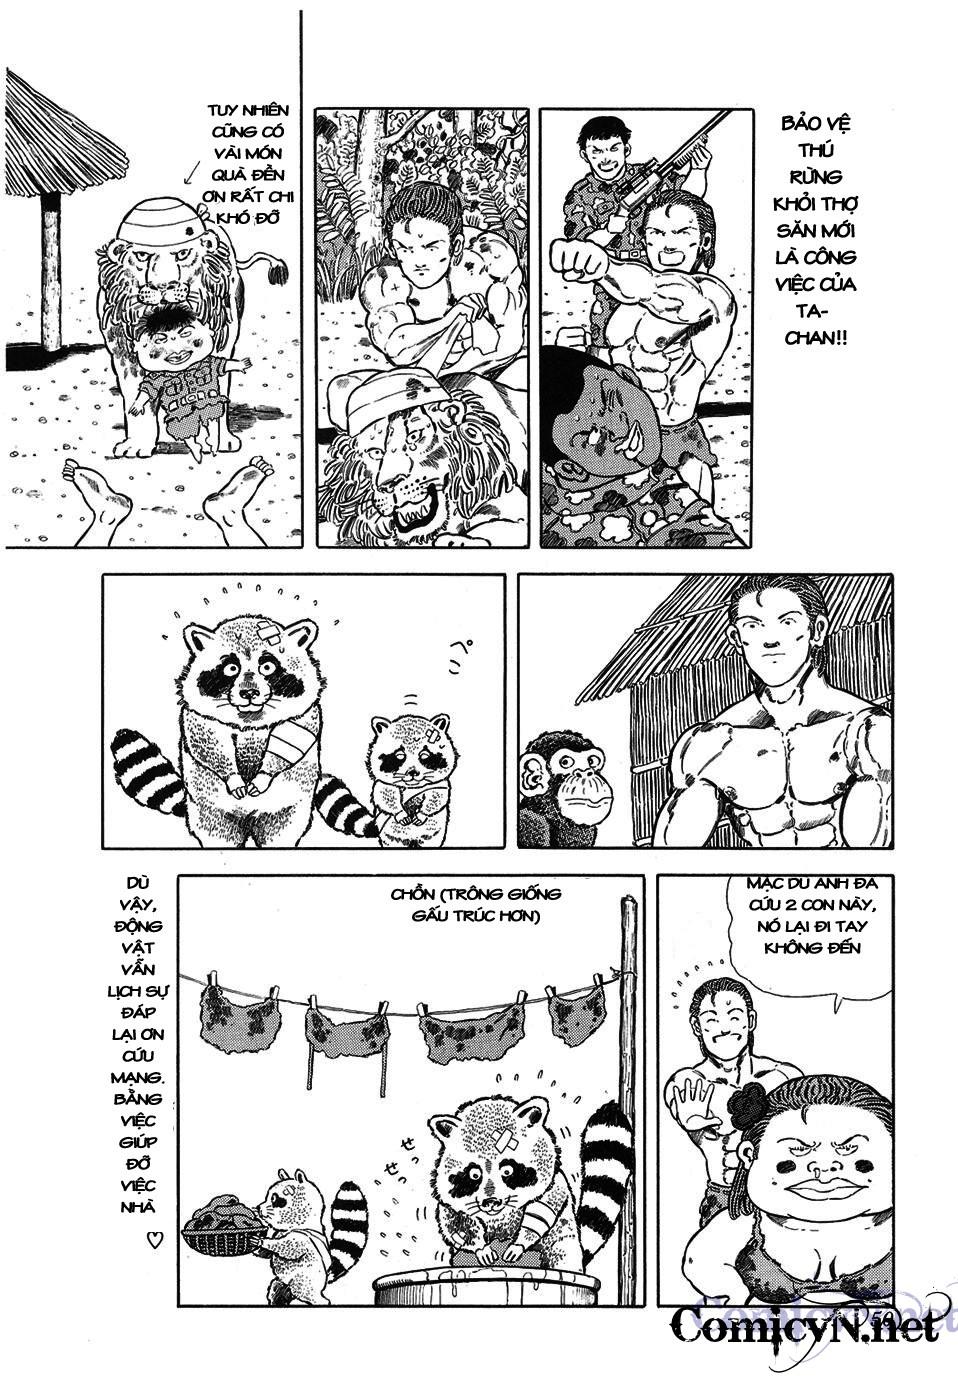 Chúa rừng Ta-chan chapter 6 trang 7